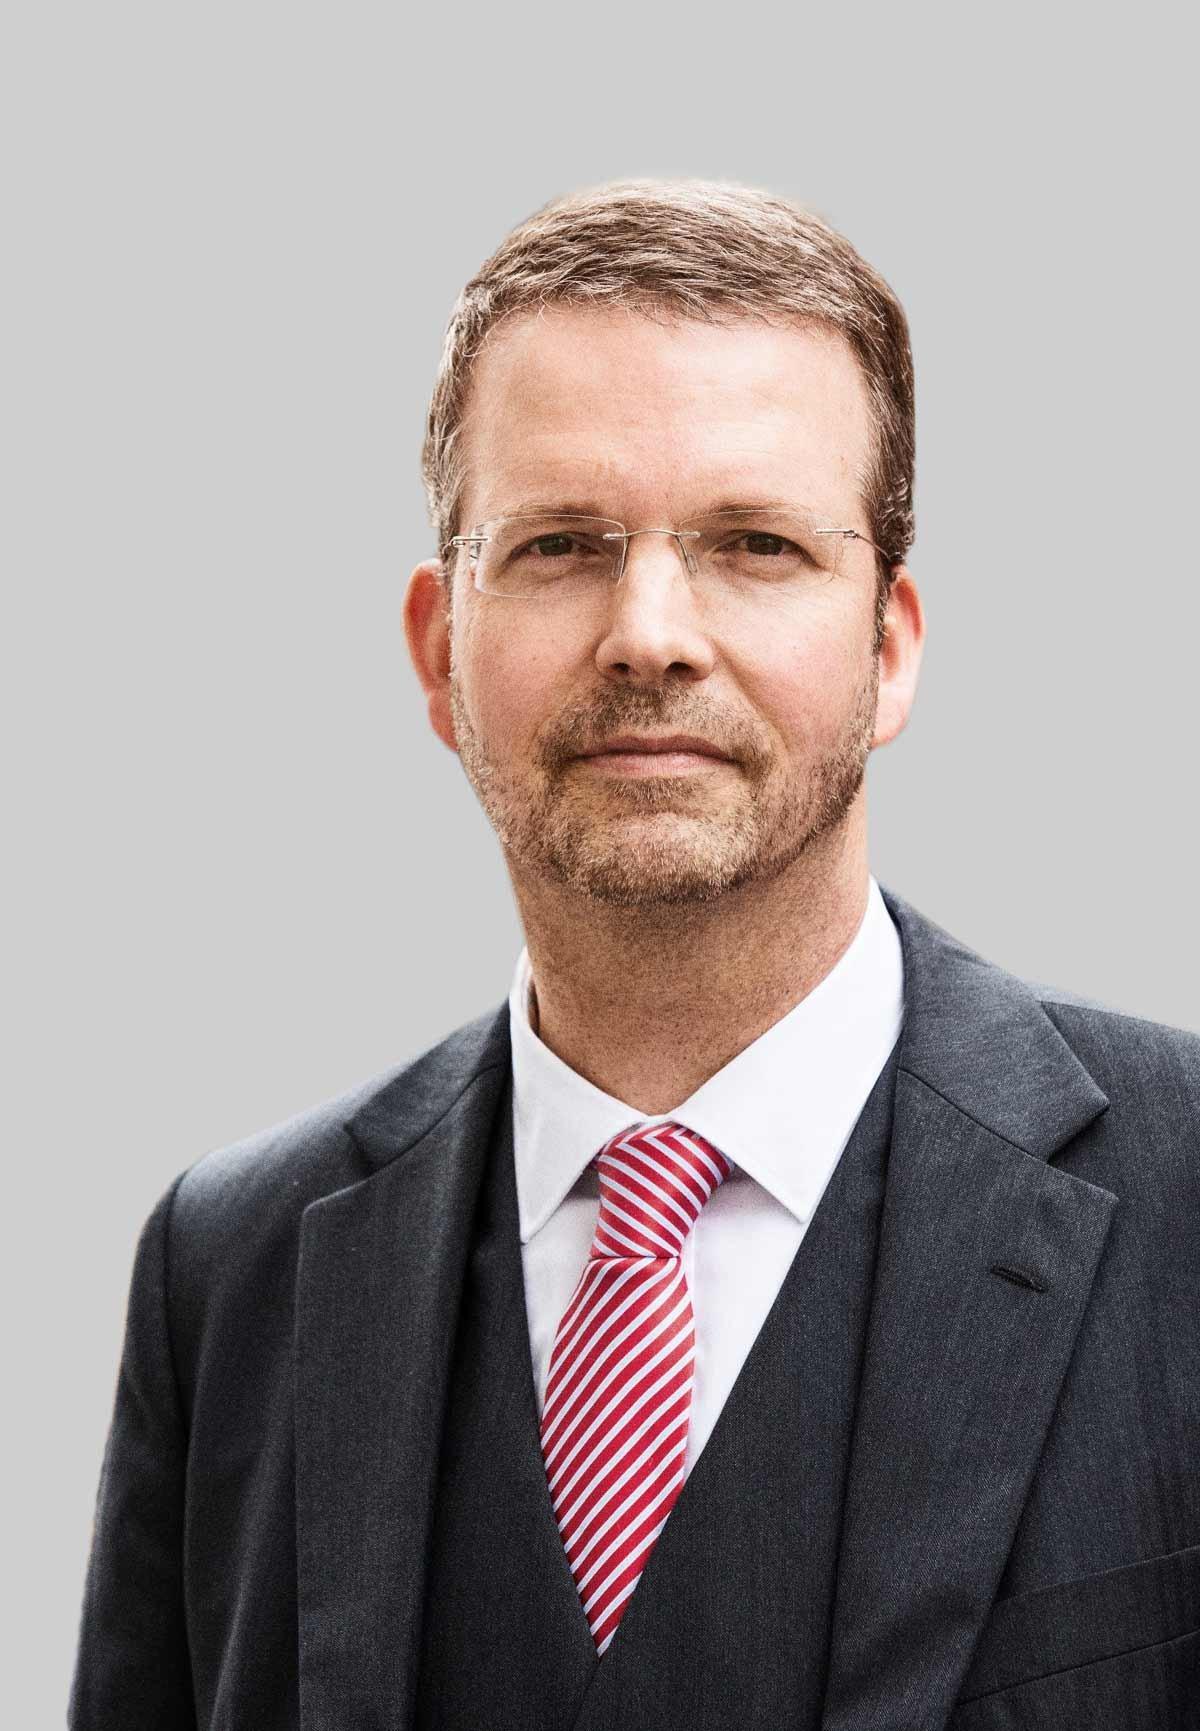 Bernd Jünemann